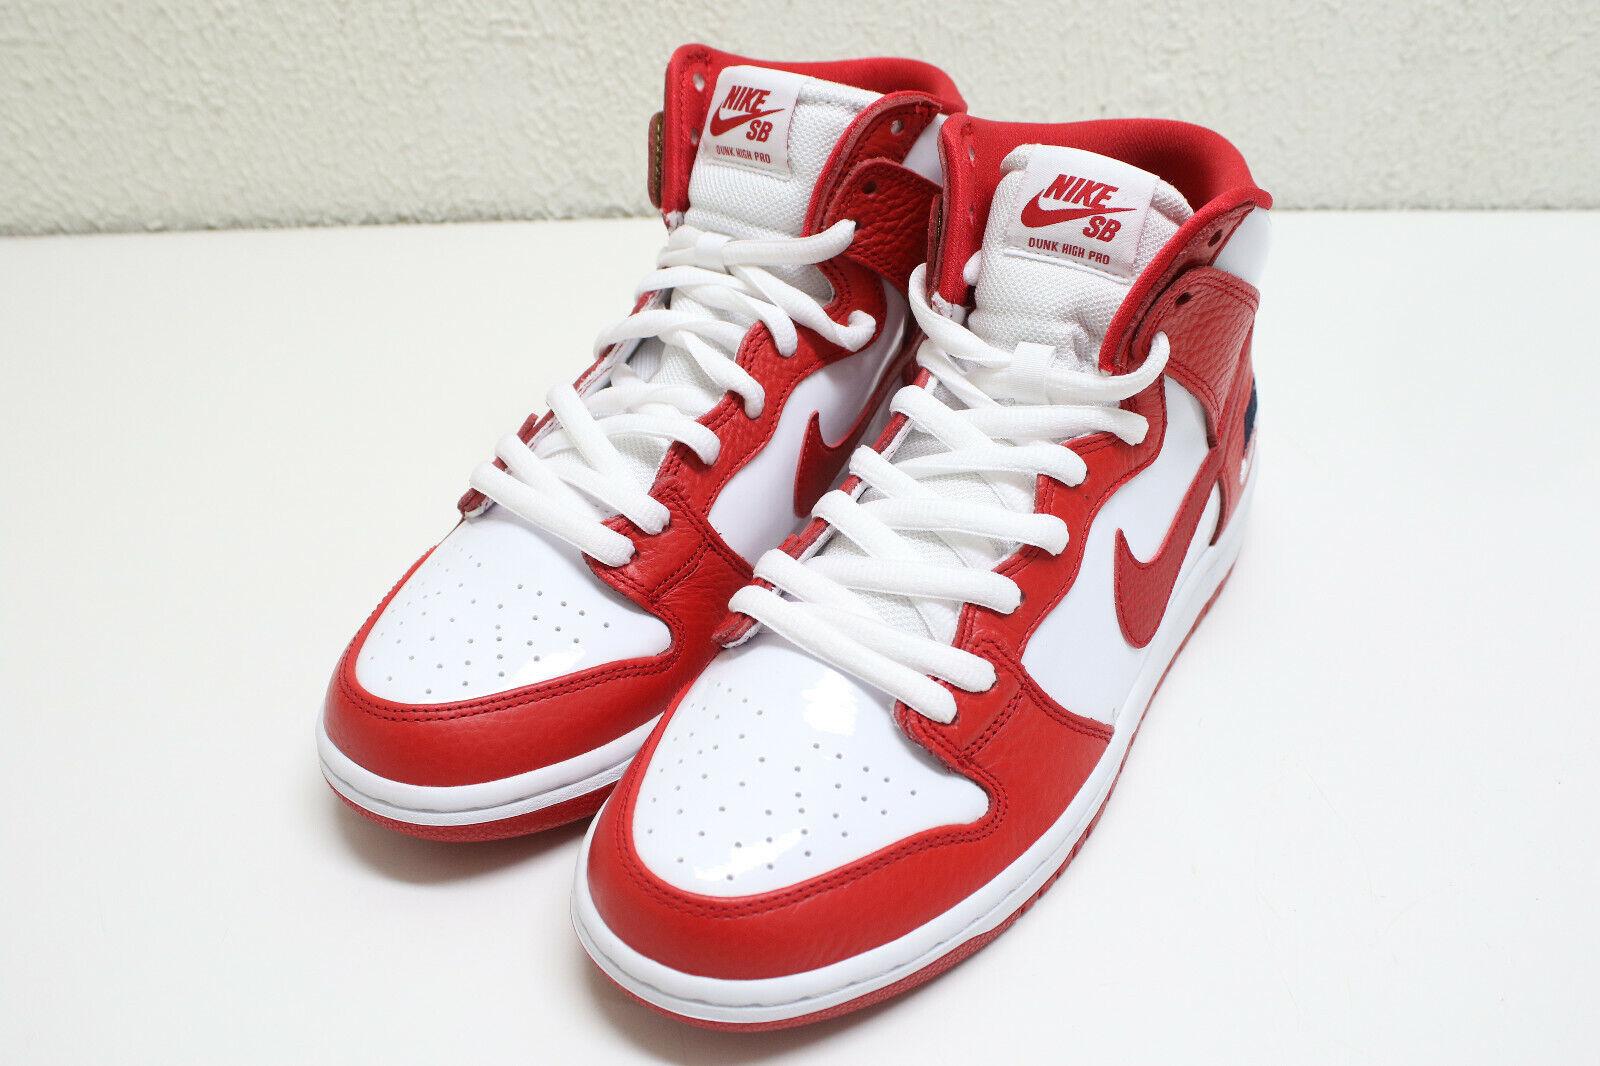 Nike SB ZOOM DUNK HIGH PRO University Red 854851-661 Size US 10